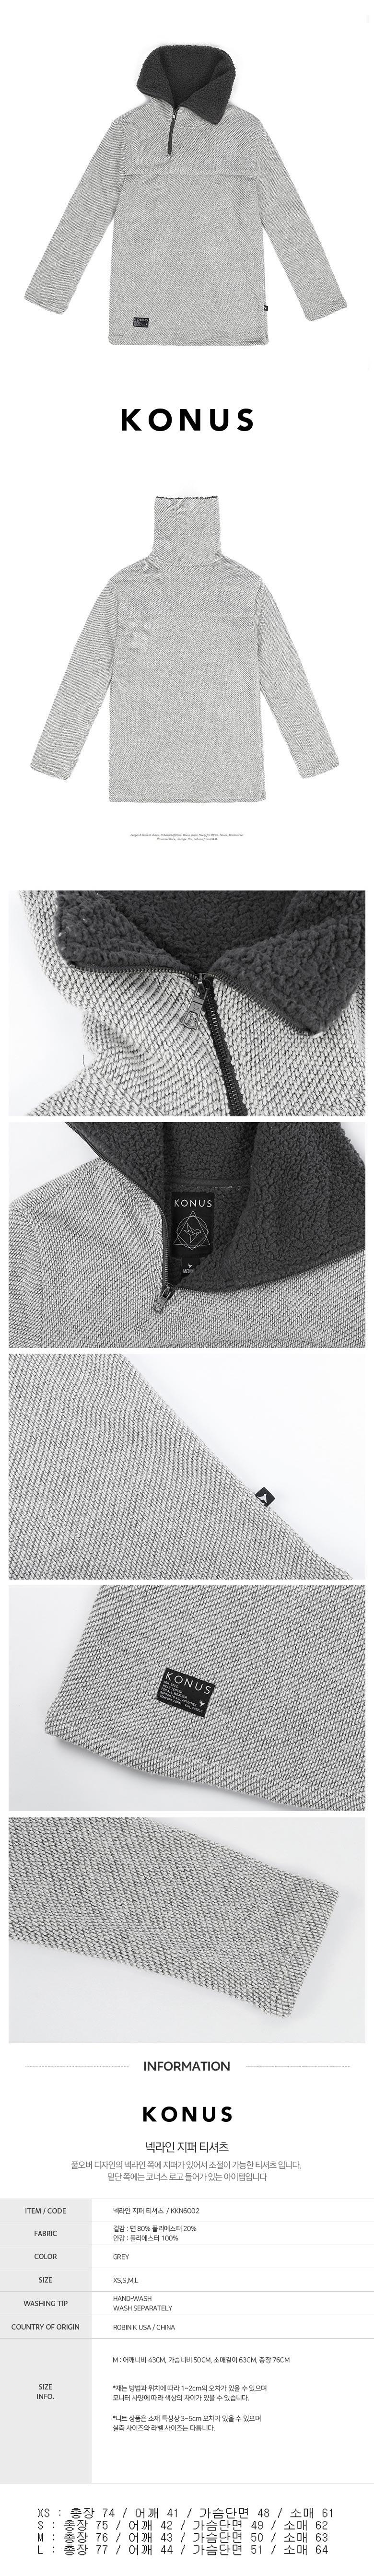 넥라인 지퍼 티셔츠 KKN6O02_GR